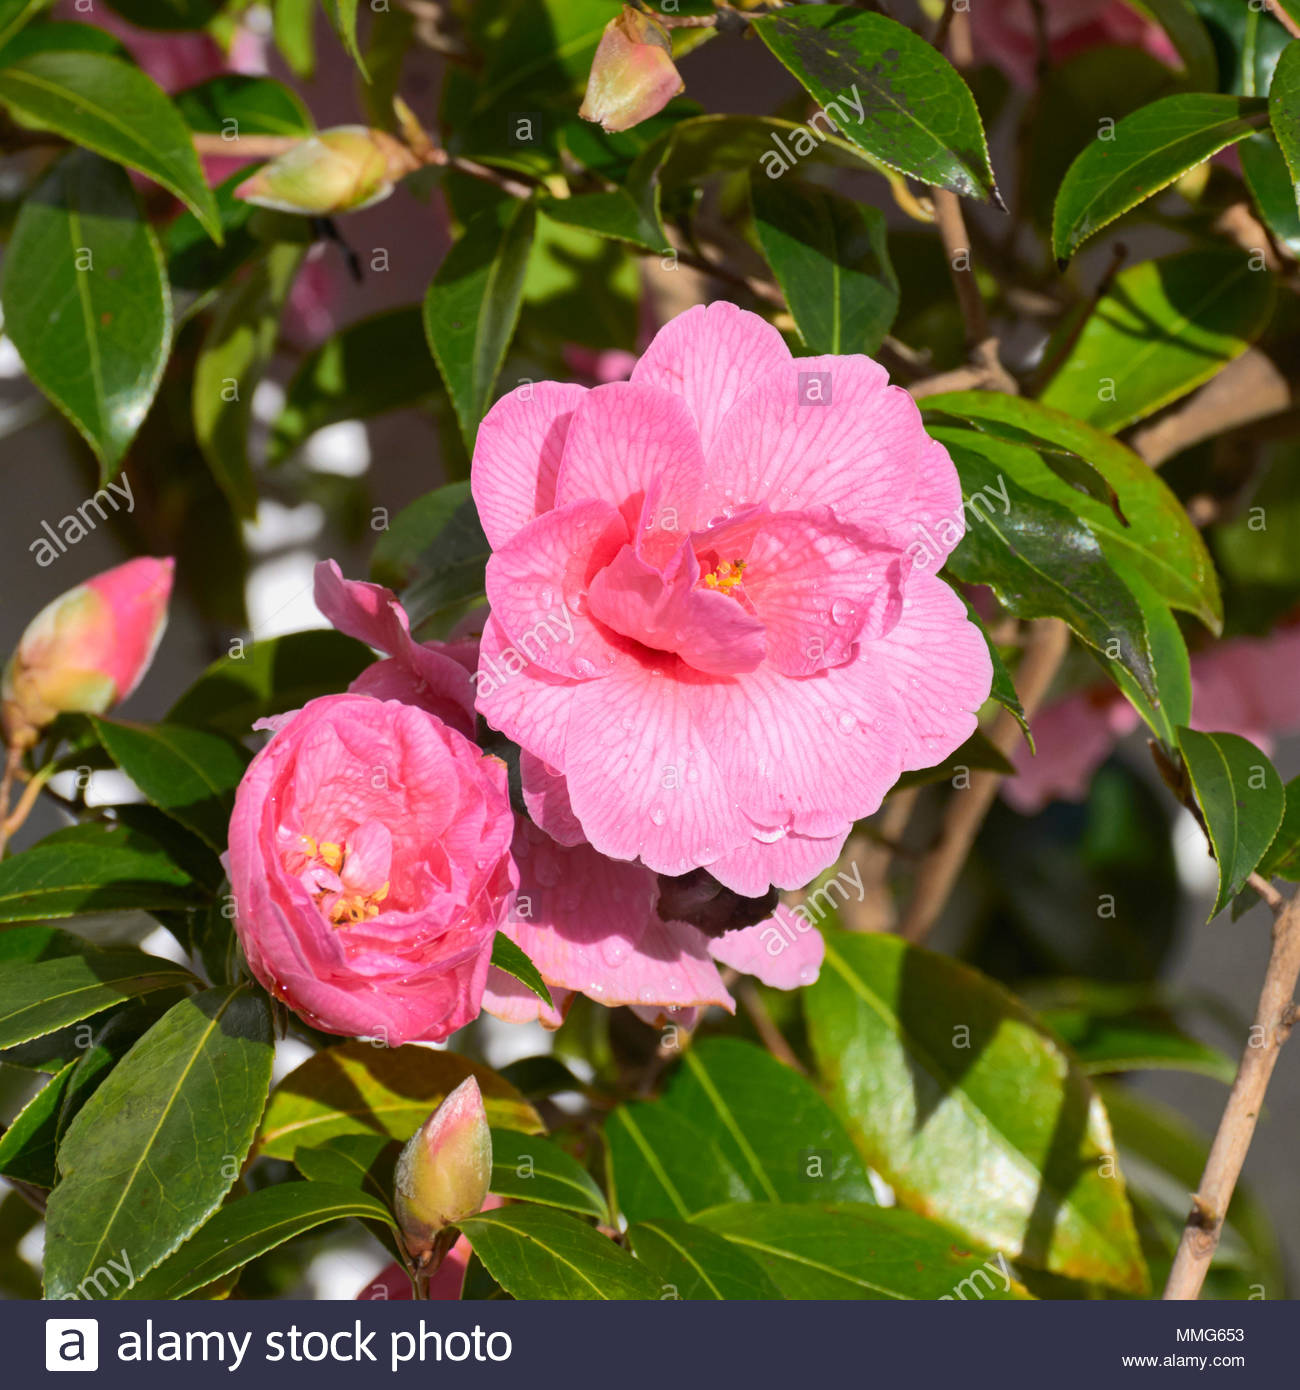 Rosa camelias camelia sinensis strauch in einem britischen uk frühling garten stockbild